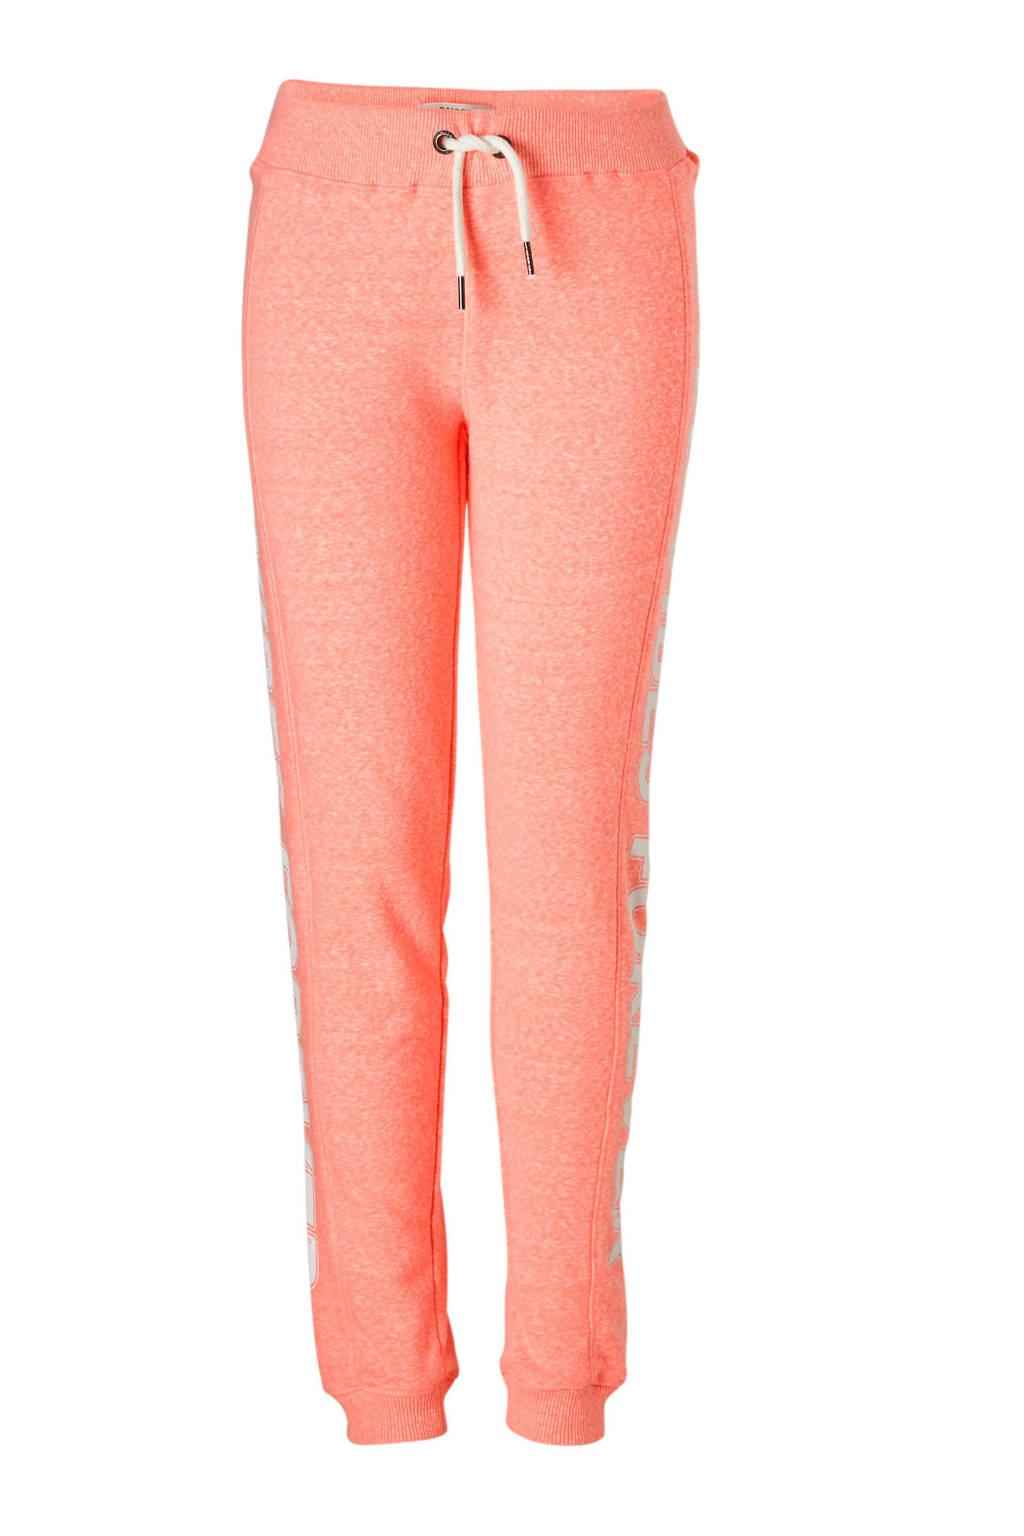 Garcia sweatpants met tekst neon roze, neon roze/wit